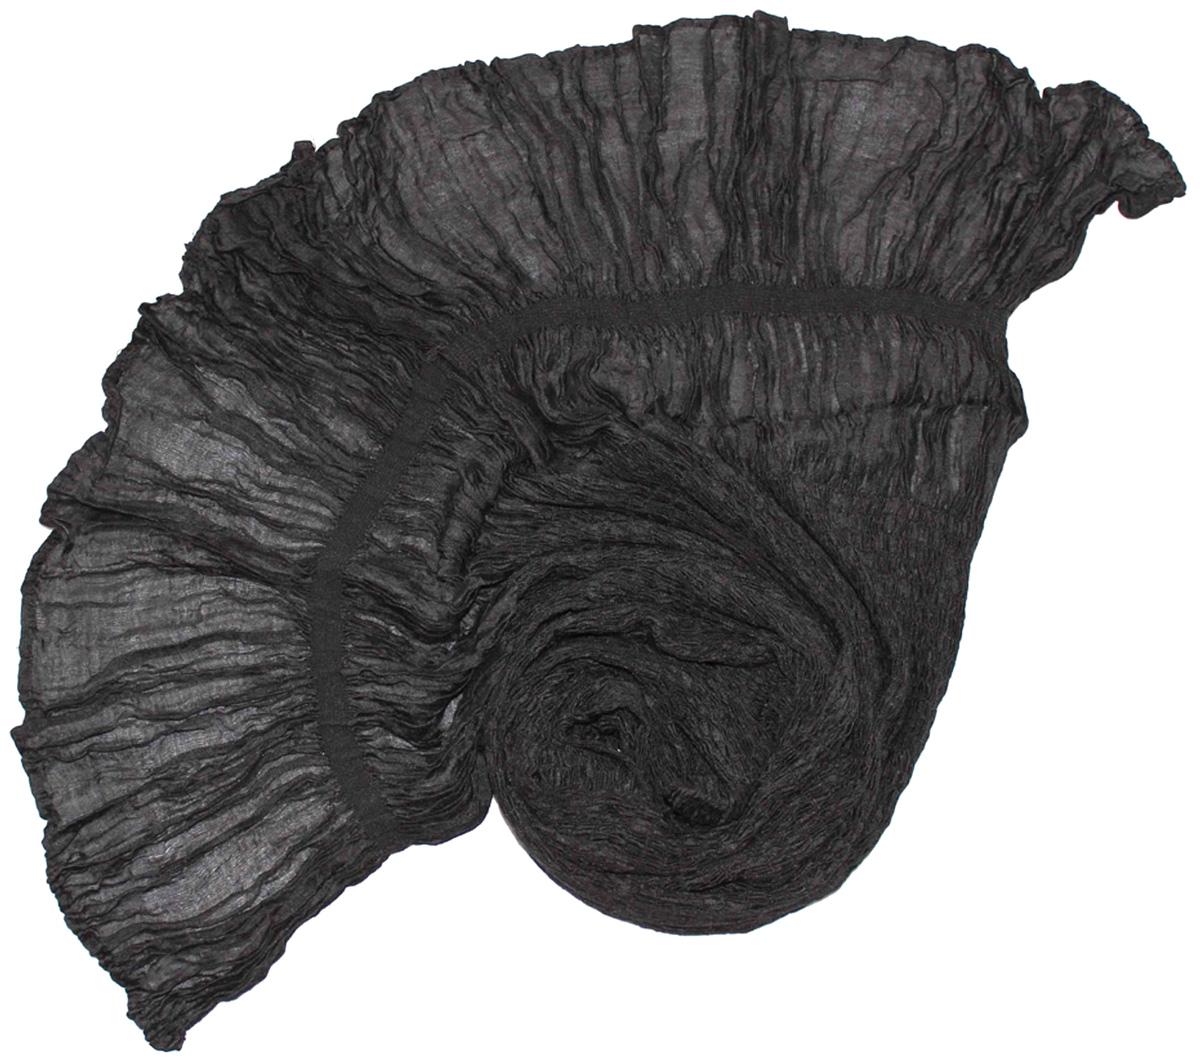 Шарф женский Ethnica, цвет: черный. 788180. Размер 25 см х 170 см788180Женский шарф Ethnica, изготовленный из 100% шелка, подчеркнет вашу индивидуальность. Благодаря своему составу, он легкий, мягкий и приятный на ощупь. Изделие выполнено в однотонном дизайне.Такой аксессуар станет стильным дополнением к гардеробу современной женщины.